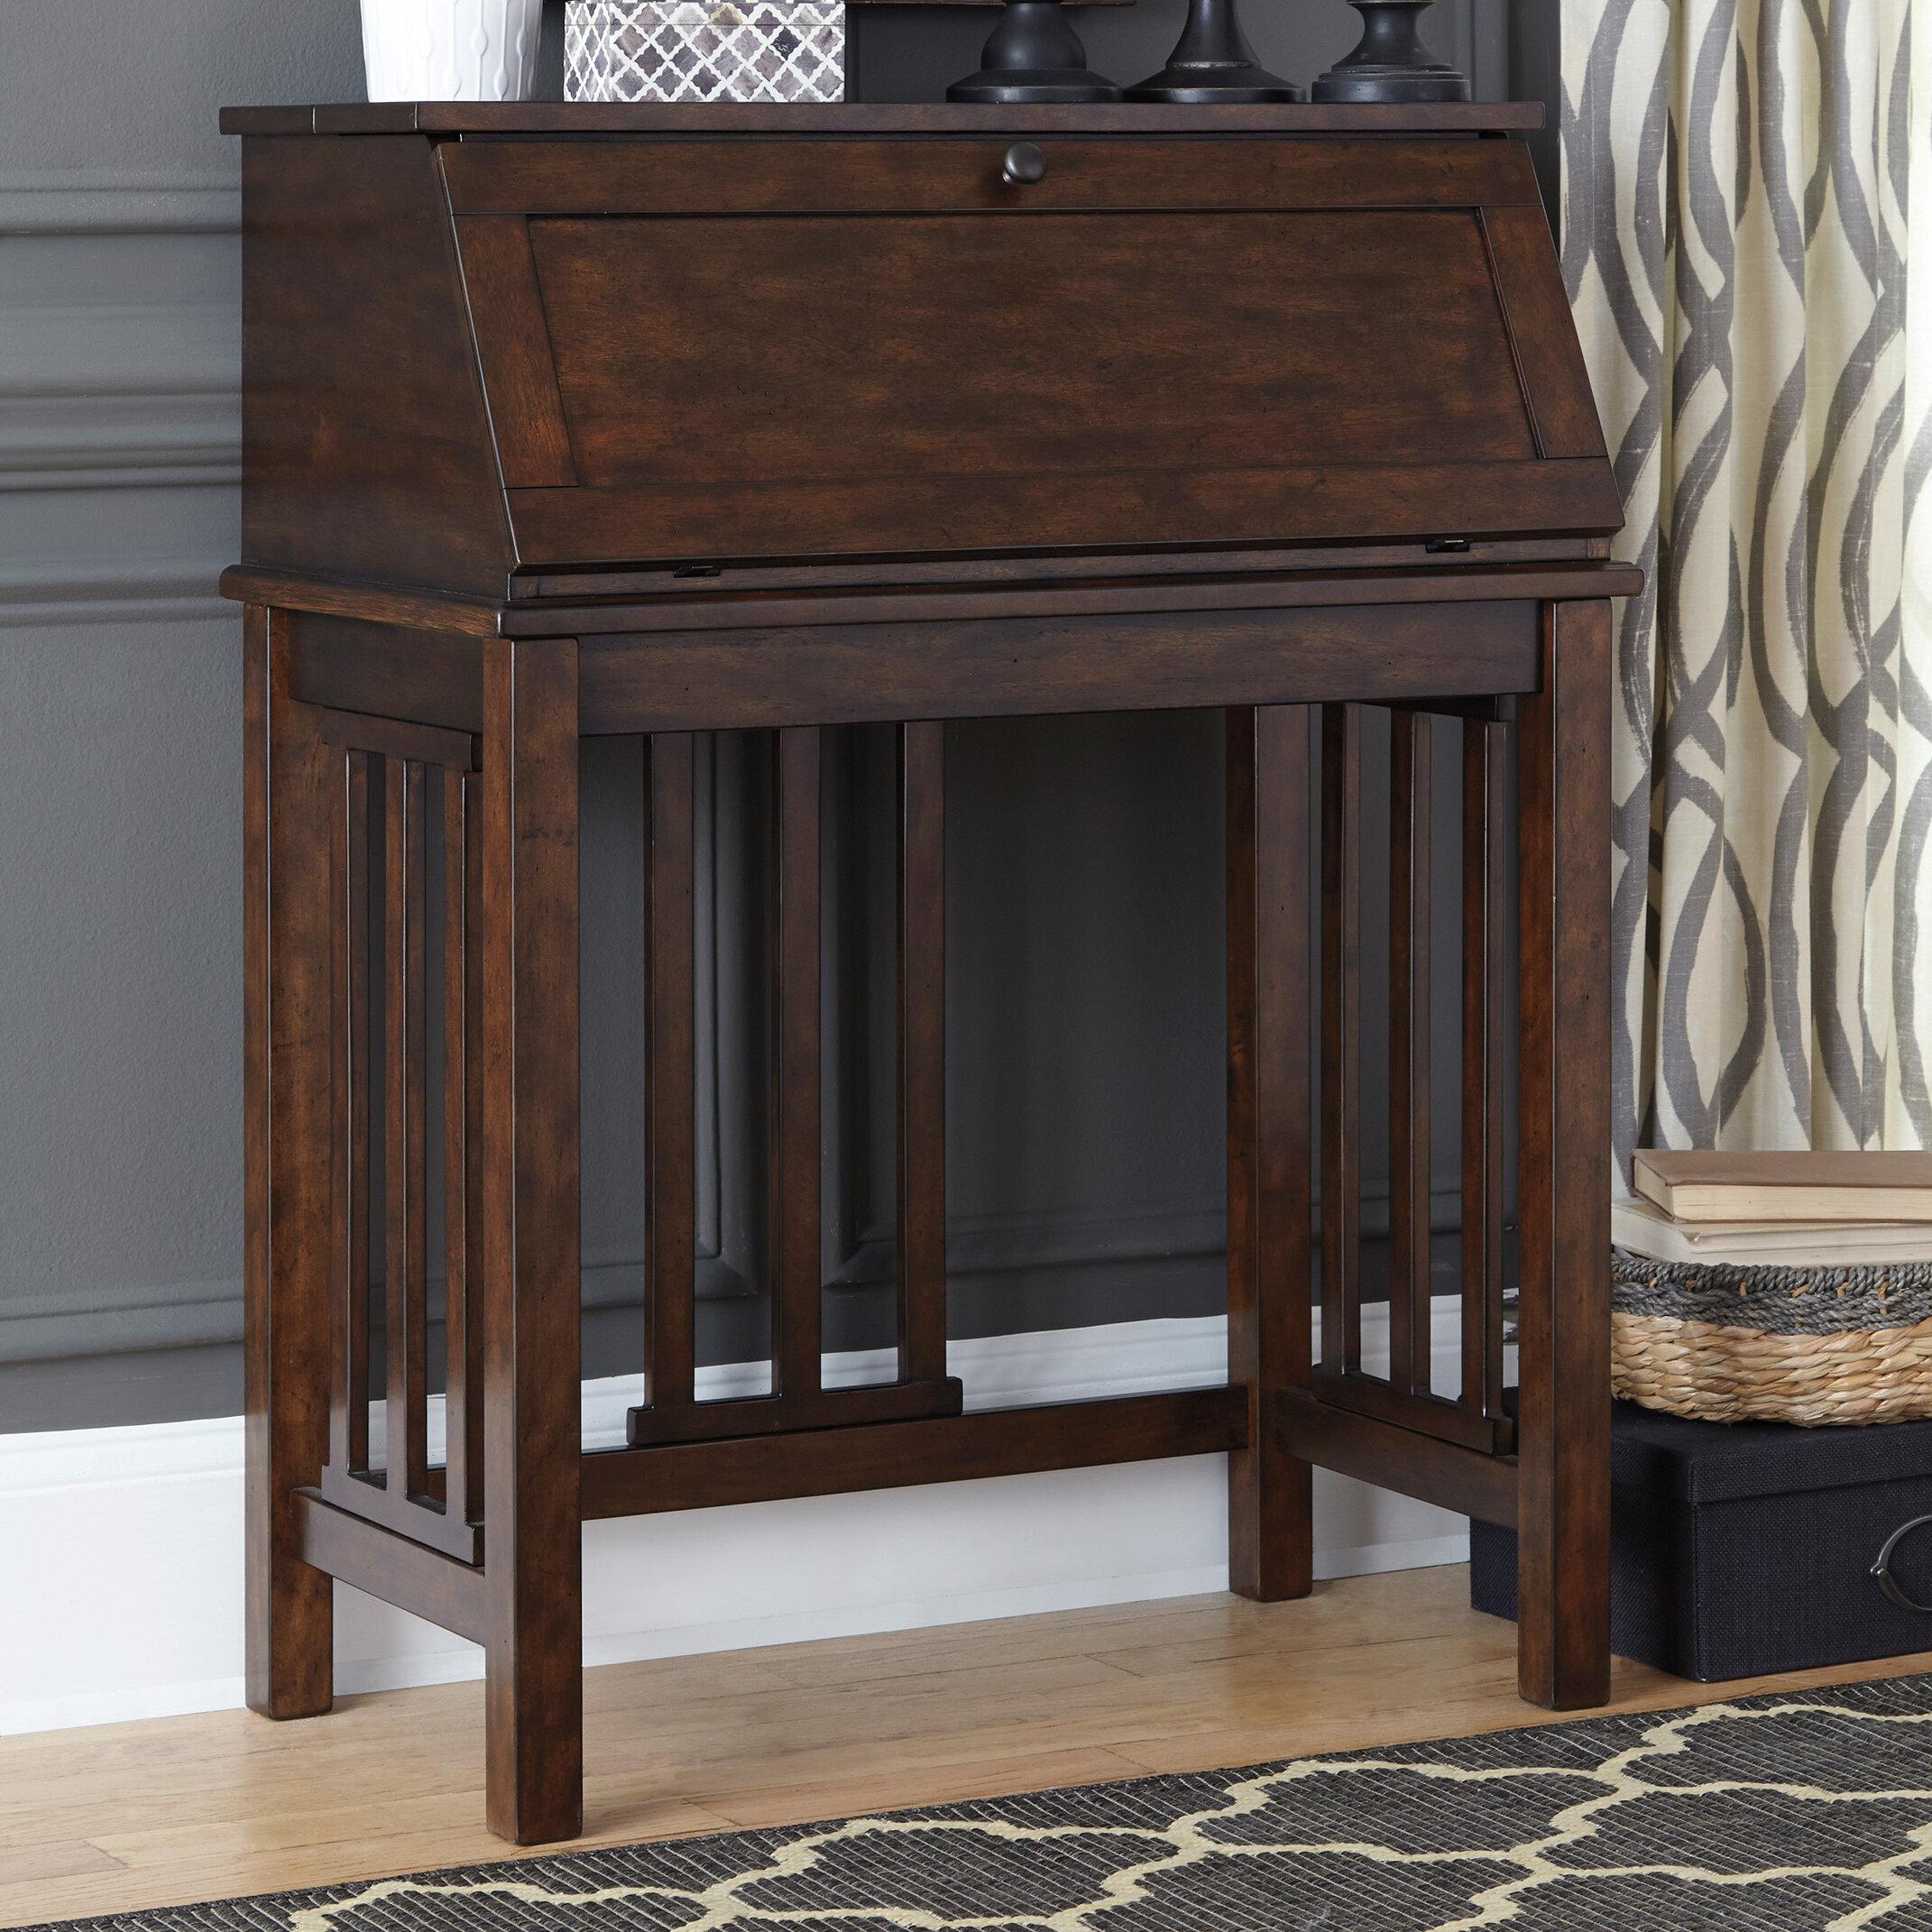 secretary double boyds bonnet furnishings top henredon desk walnut chippendale folio fine